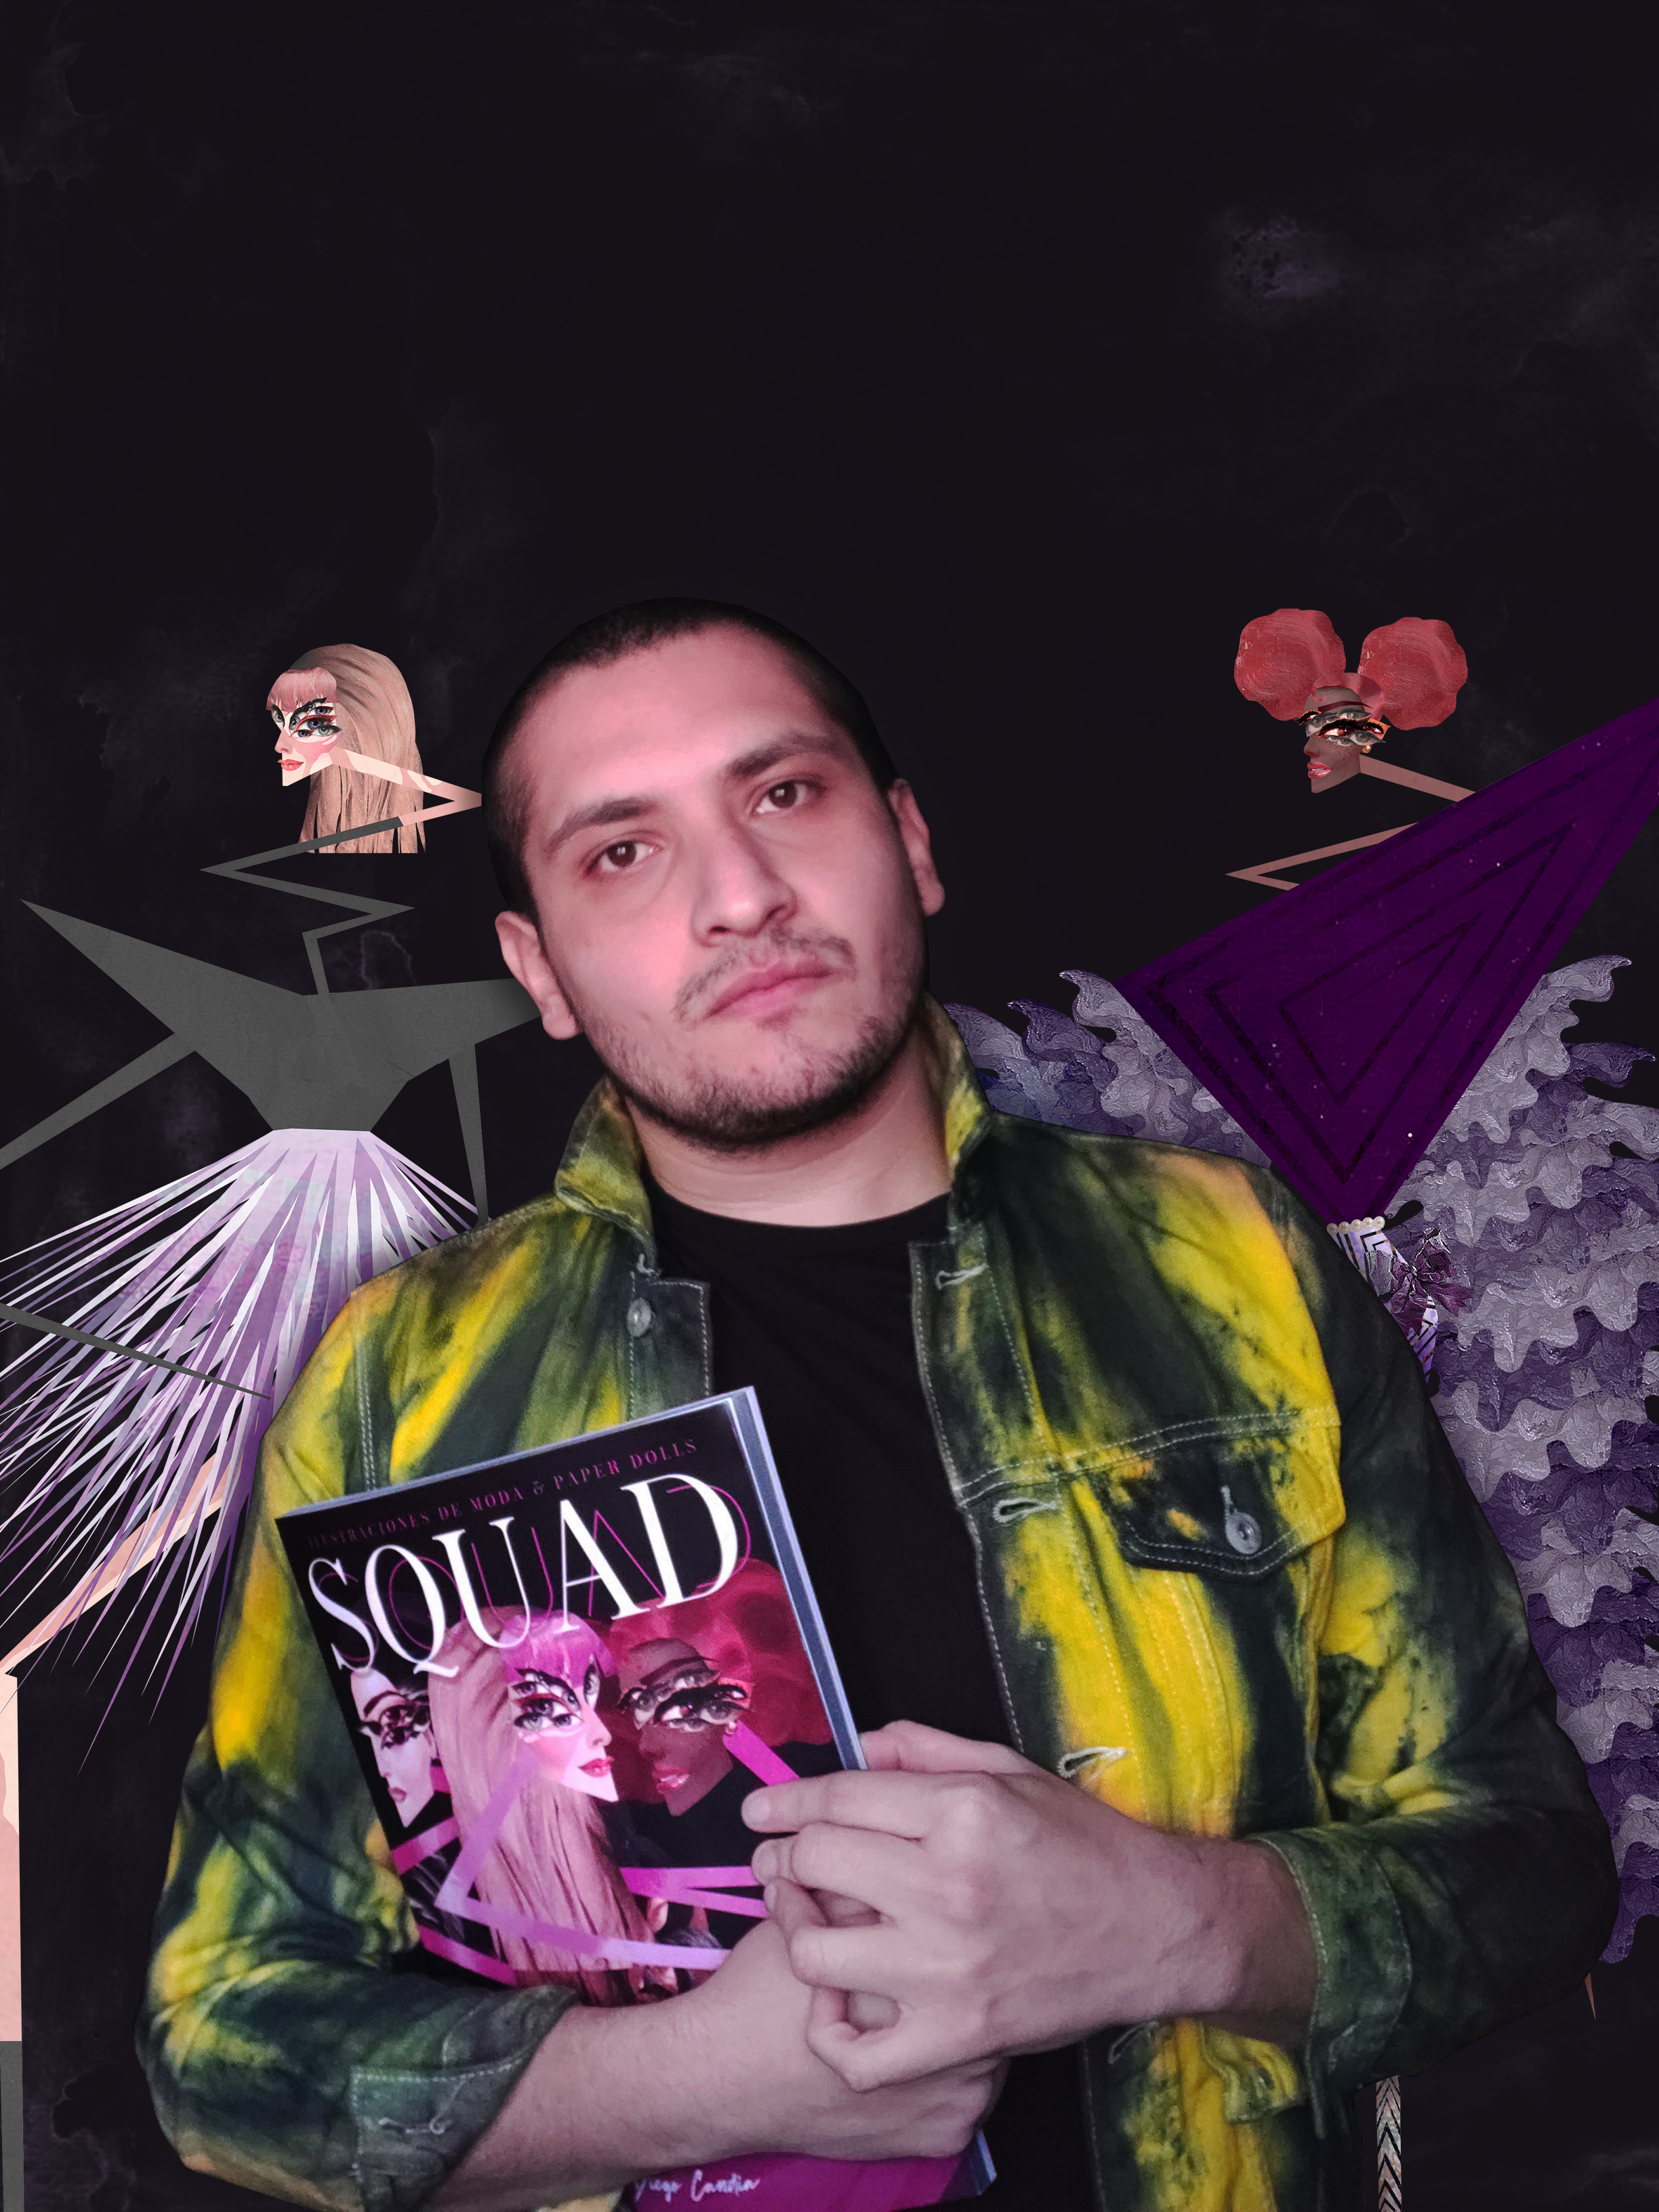 S Q U A D, el primer libro del ilustrador chileno de moda Diego Candia